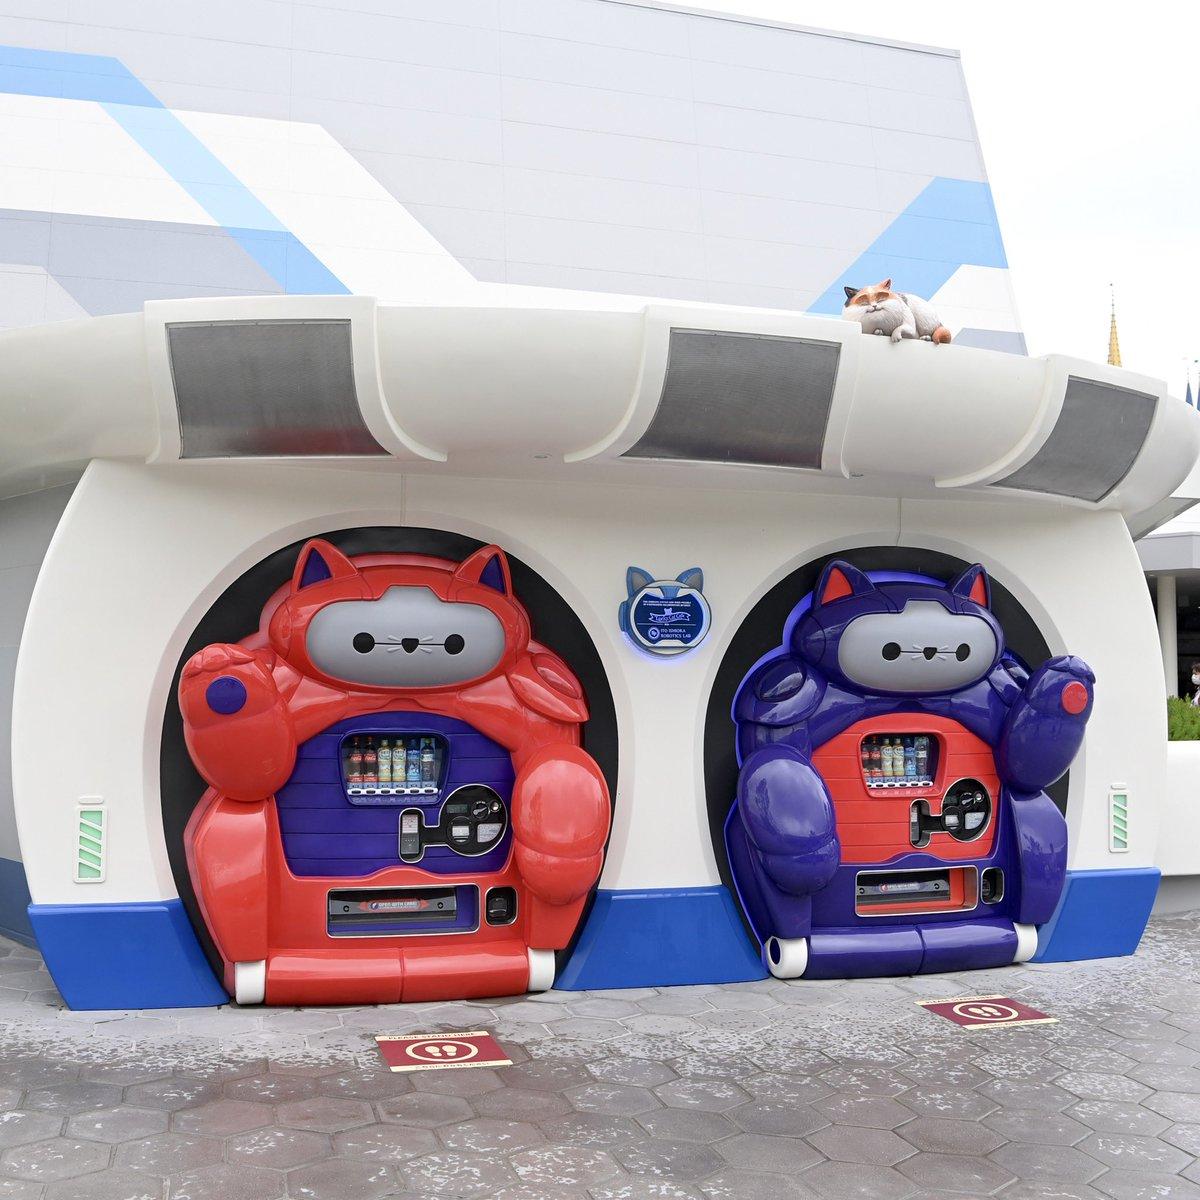 """日本東京迪士尼樂園出現了""""大英雄天團""""的貓式機器人自動販賣機 EdffAz8U4AUaG0Z"""